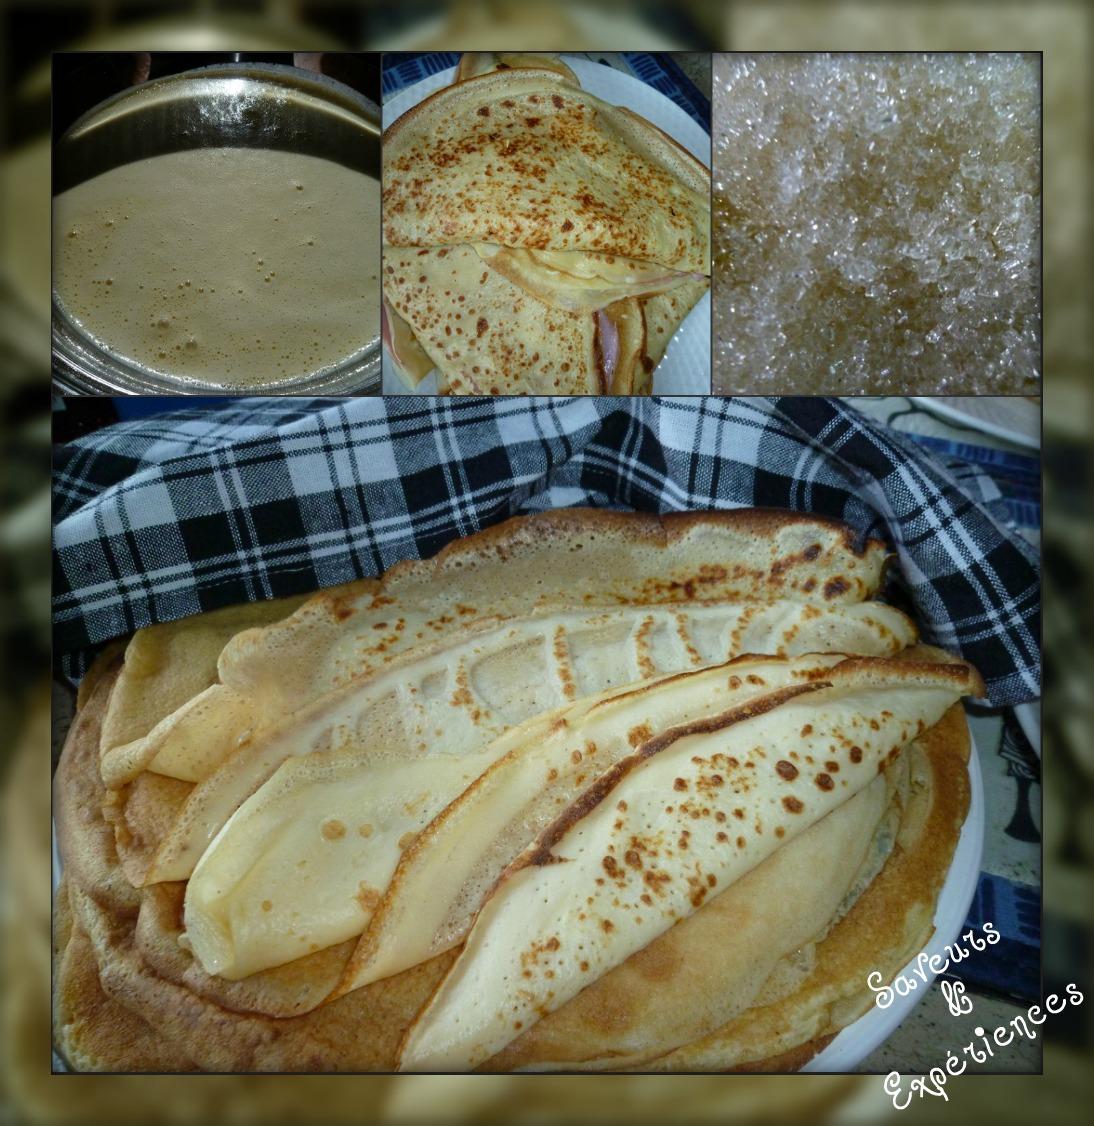 La recette d'Emmanuelle : Crêpes, recette maison !